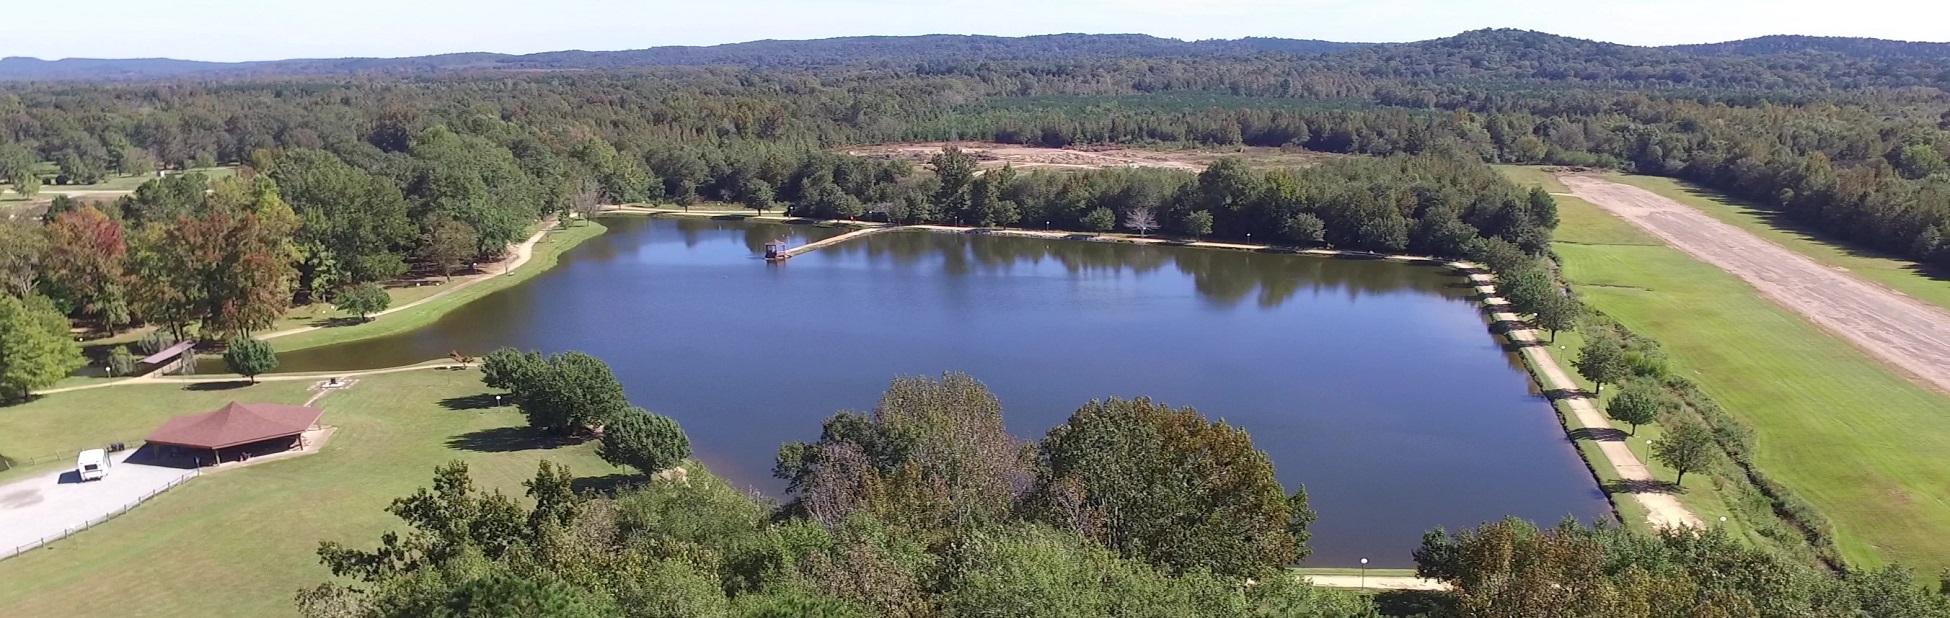 Lake Hutto